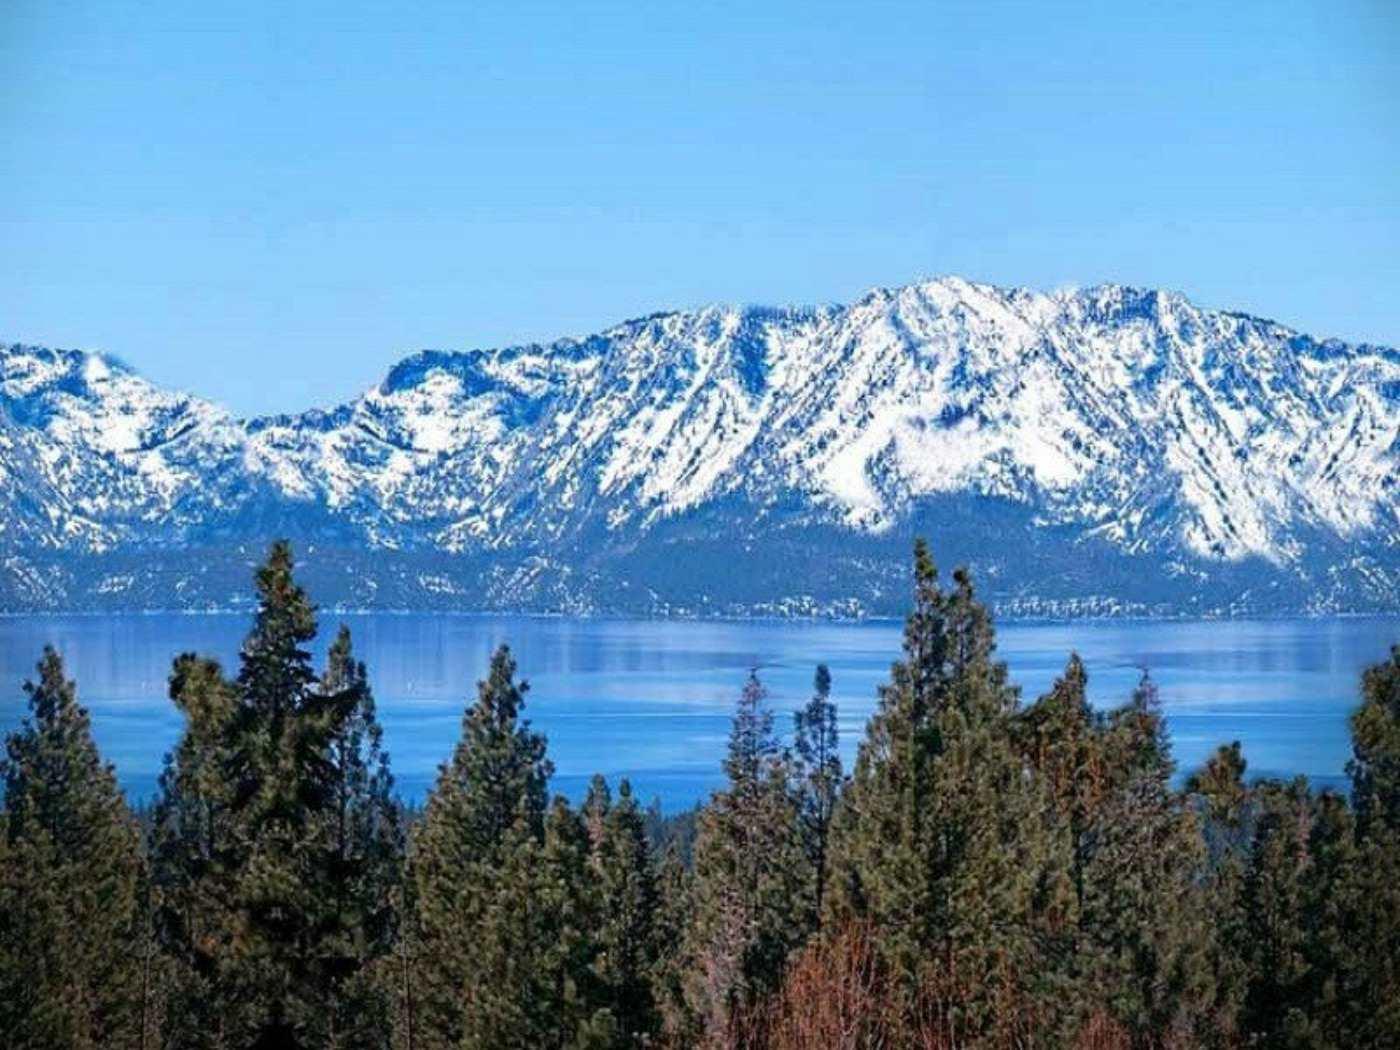 Alquiler de vacaciones en Lake Tahoe